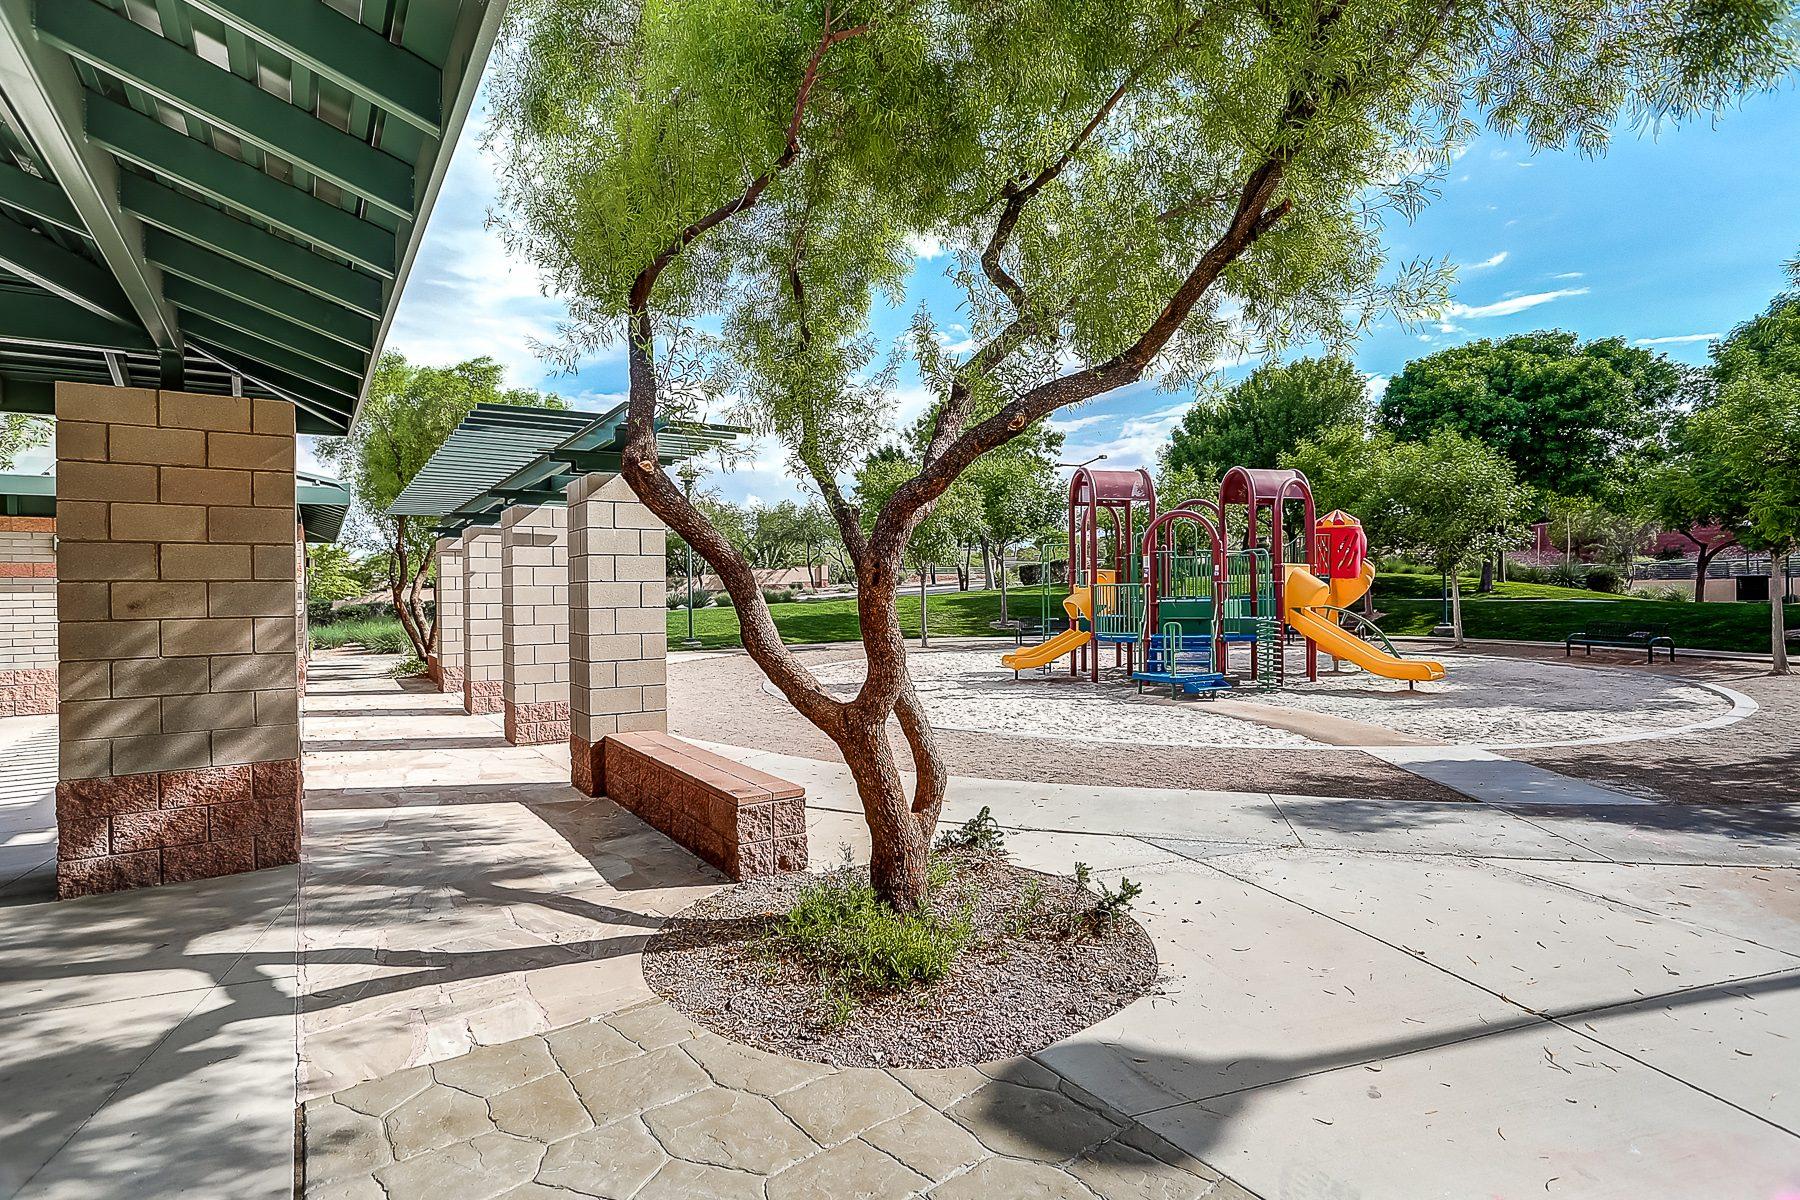 12 summerlin community parks